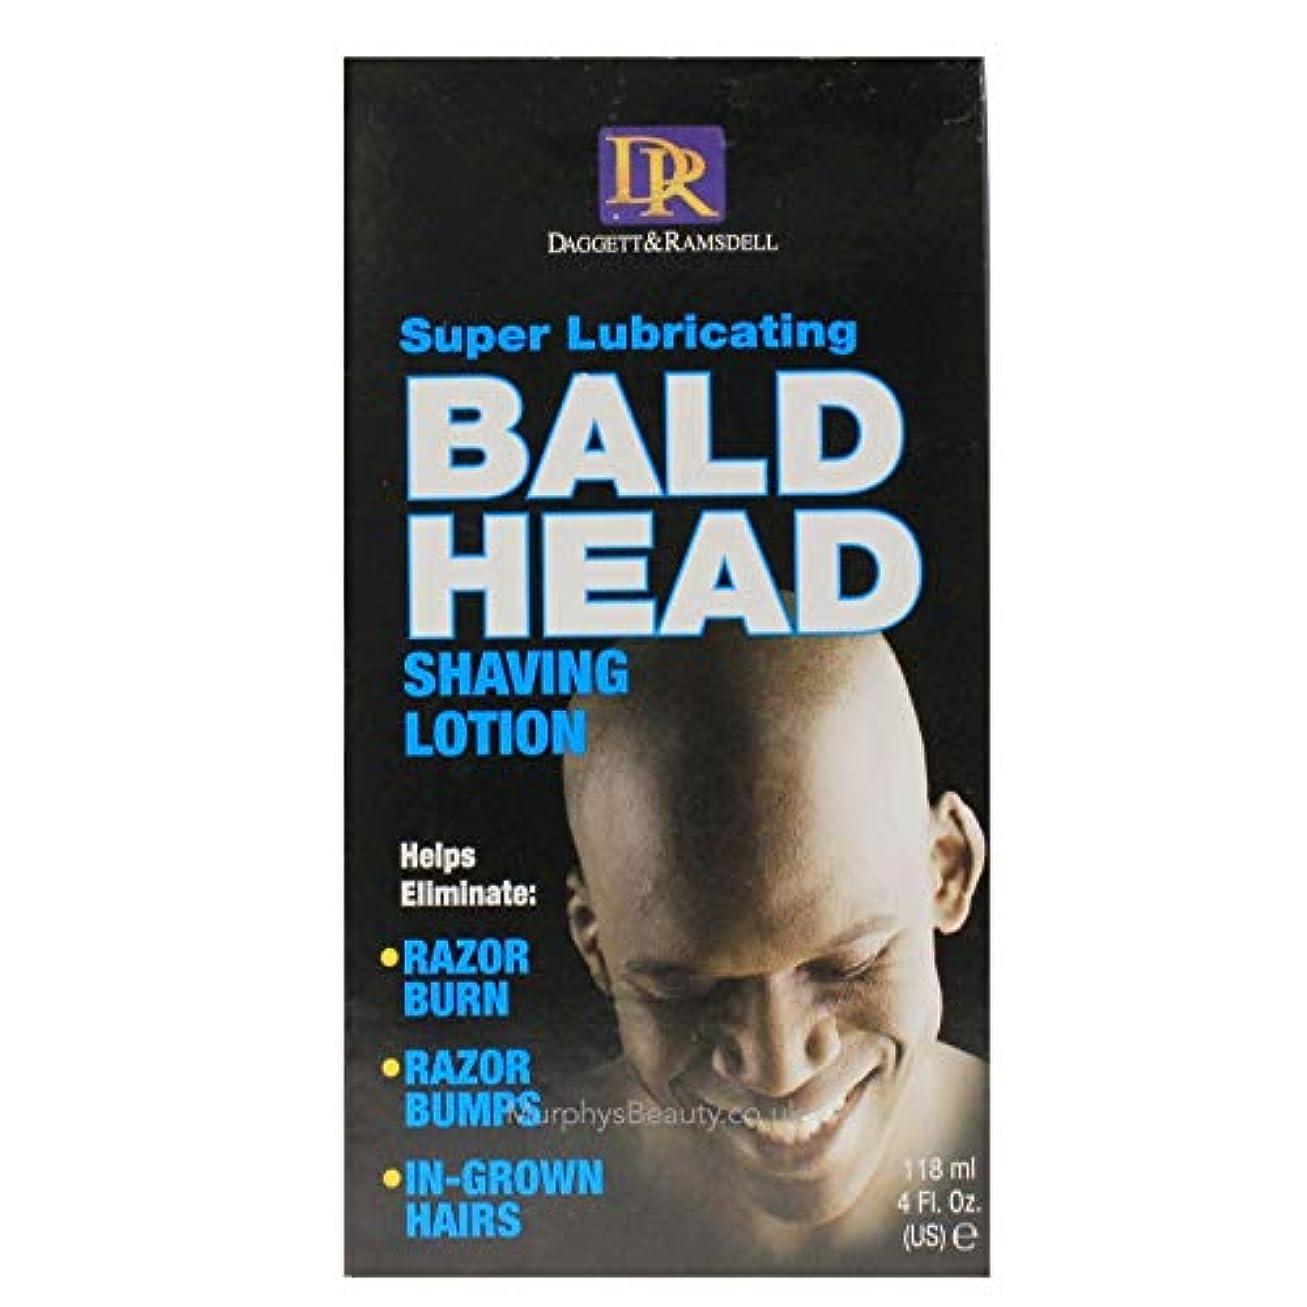 抽象解放大量Daggett & Ramsdell Super Lubricating Bald Head Shaving Lotion Hair Removal Products (並行輸入品)